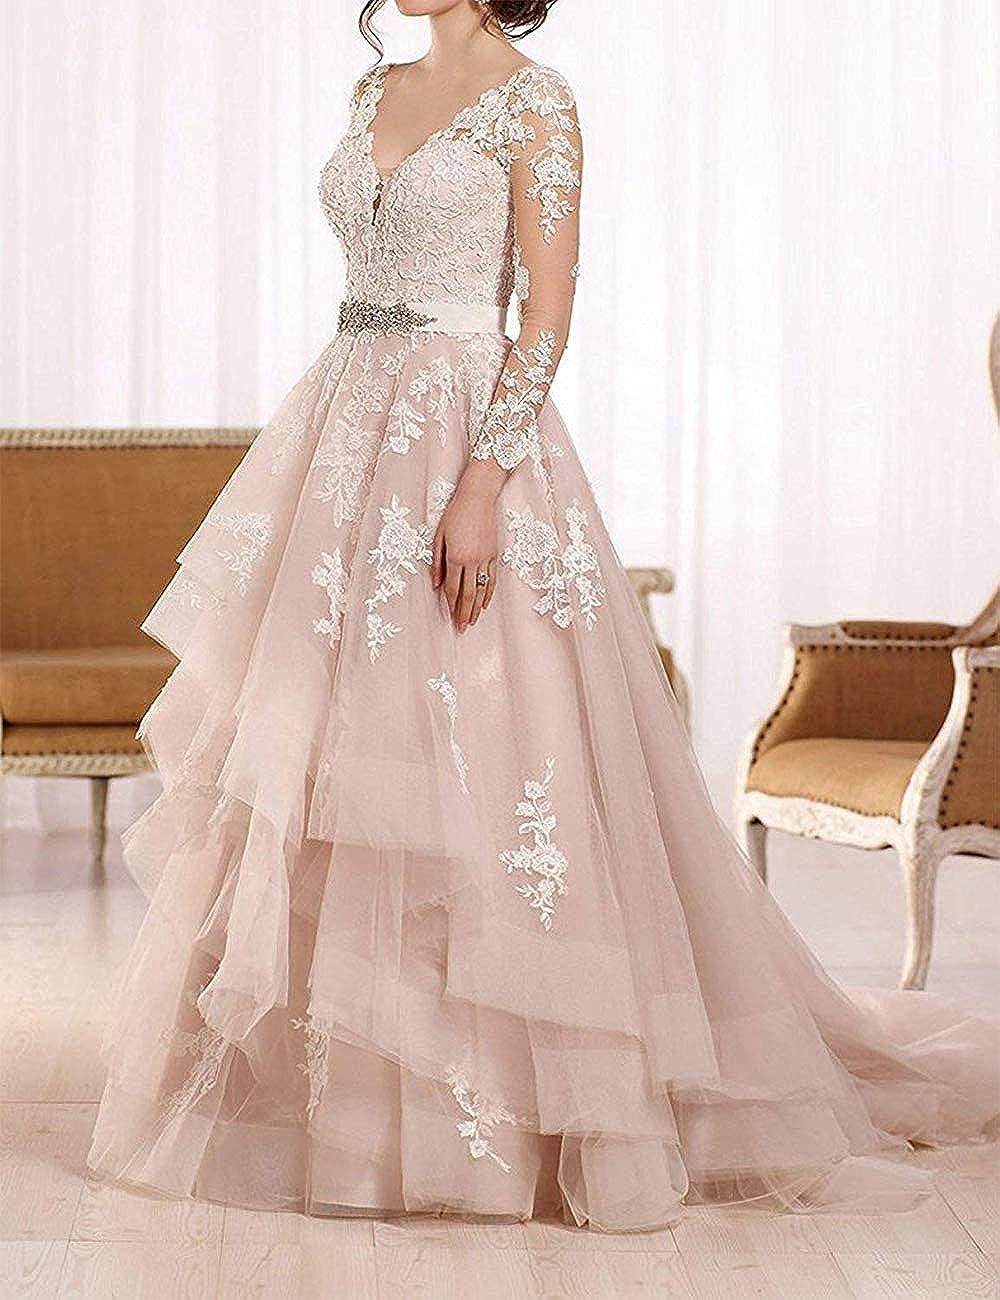 HUINI Robe de Mariée Princesse Manches Longues Robe Mariage Femme Double V-col Tulle et Dentelle Rose